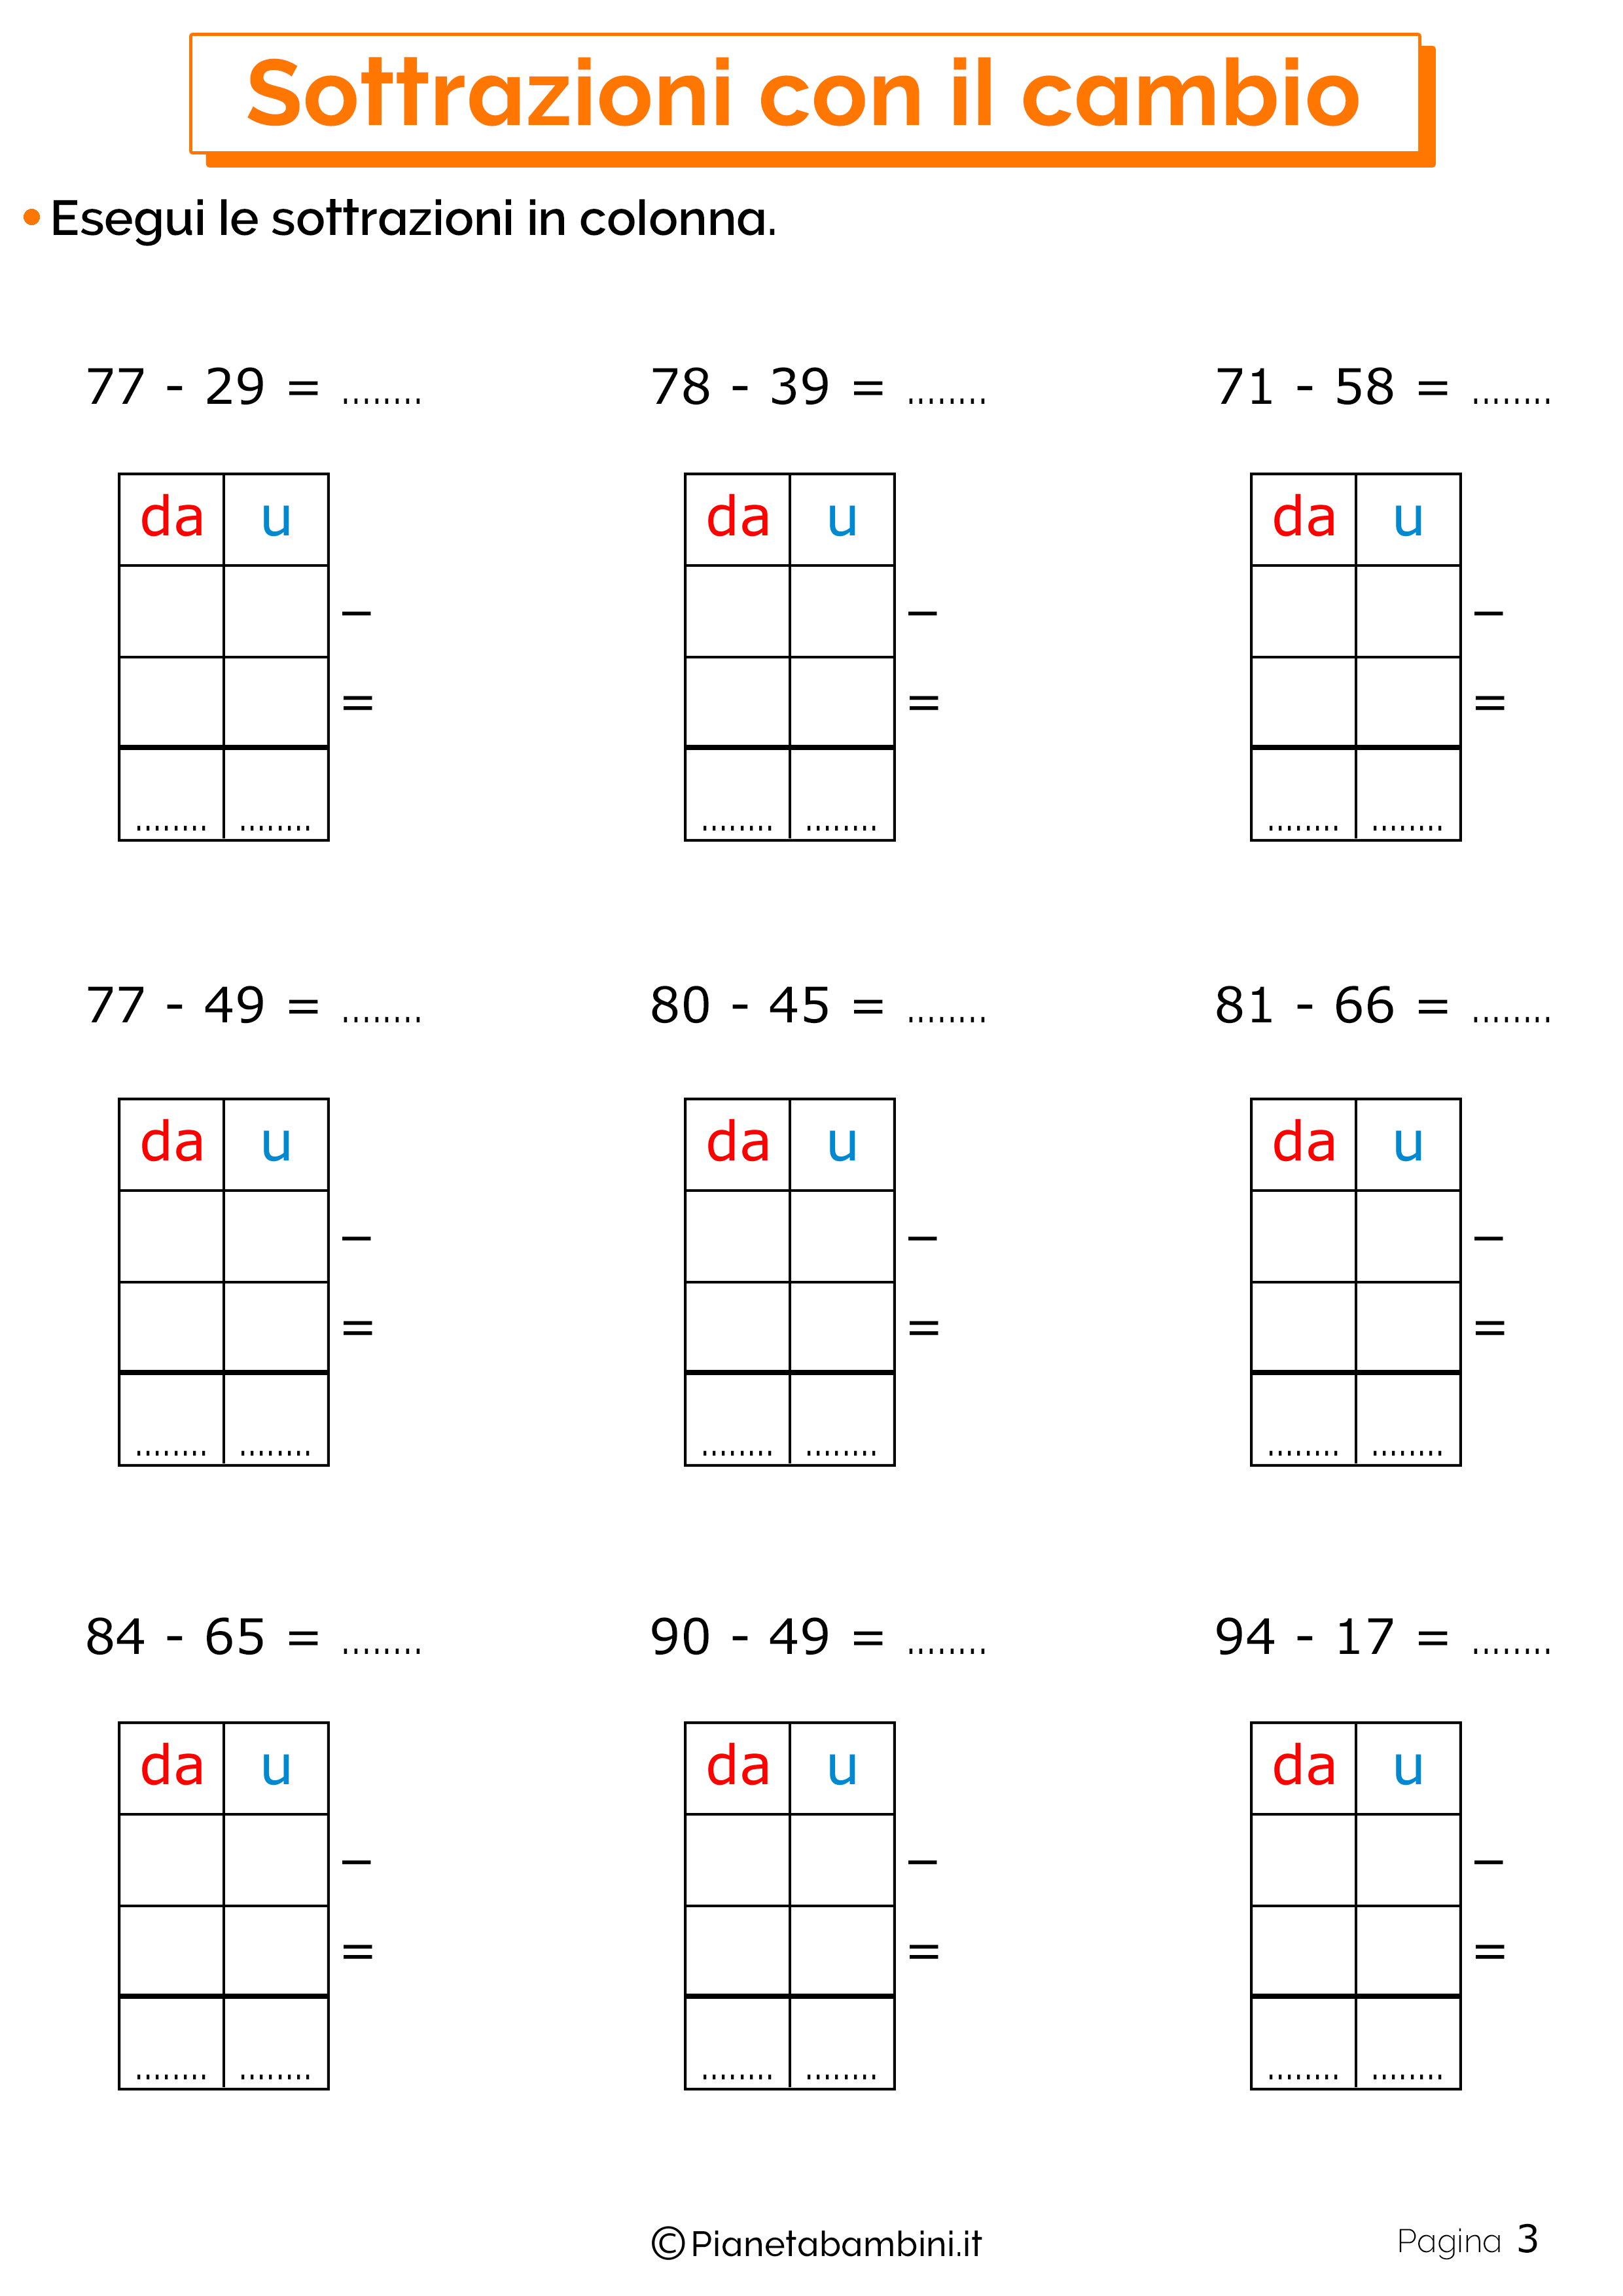 Schede didattiche sulle sottrazioni con cambio 3